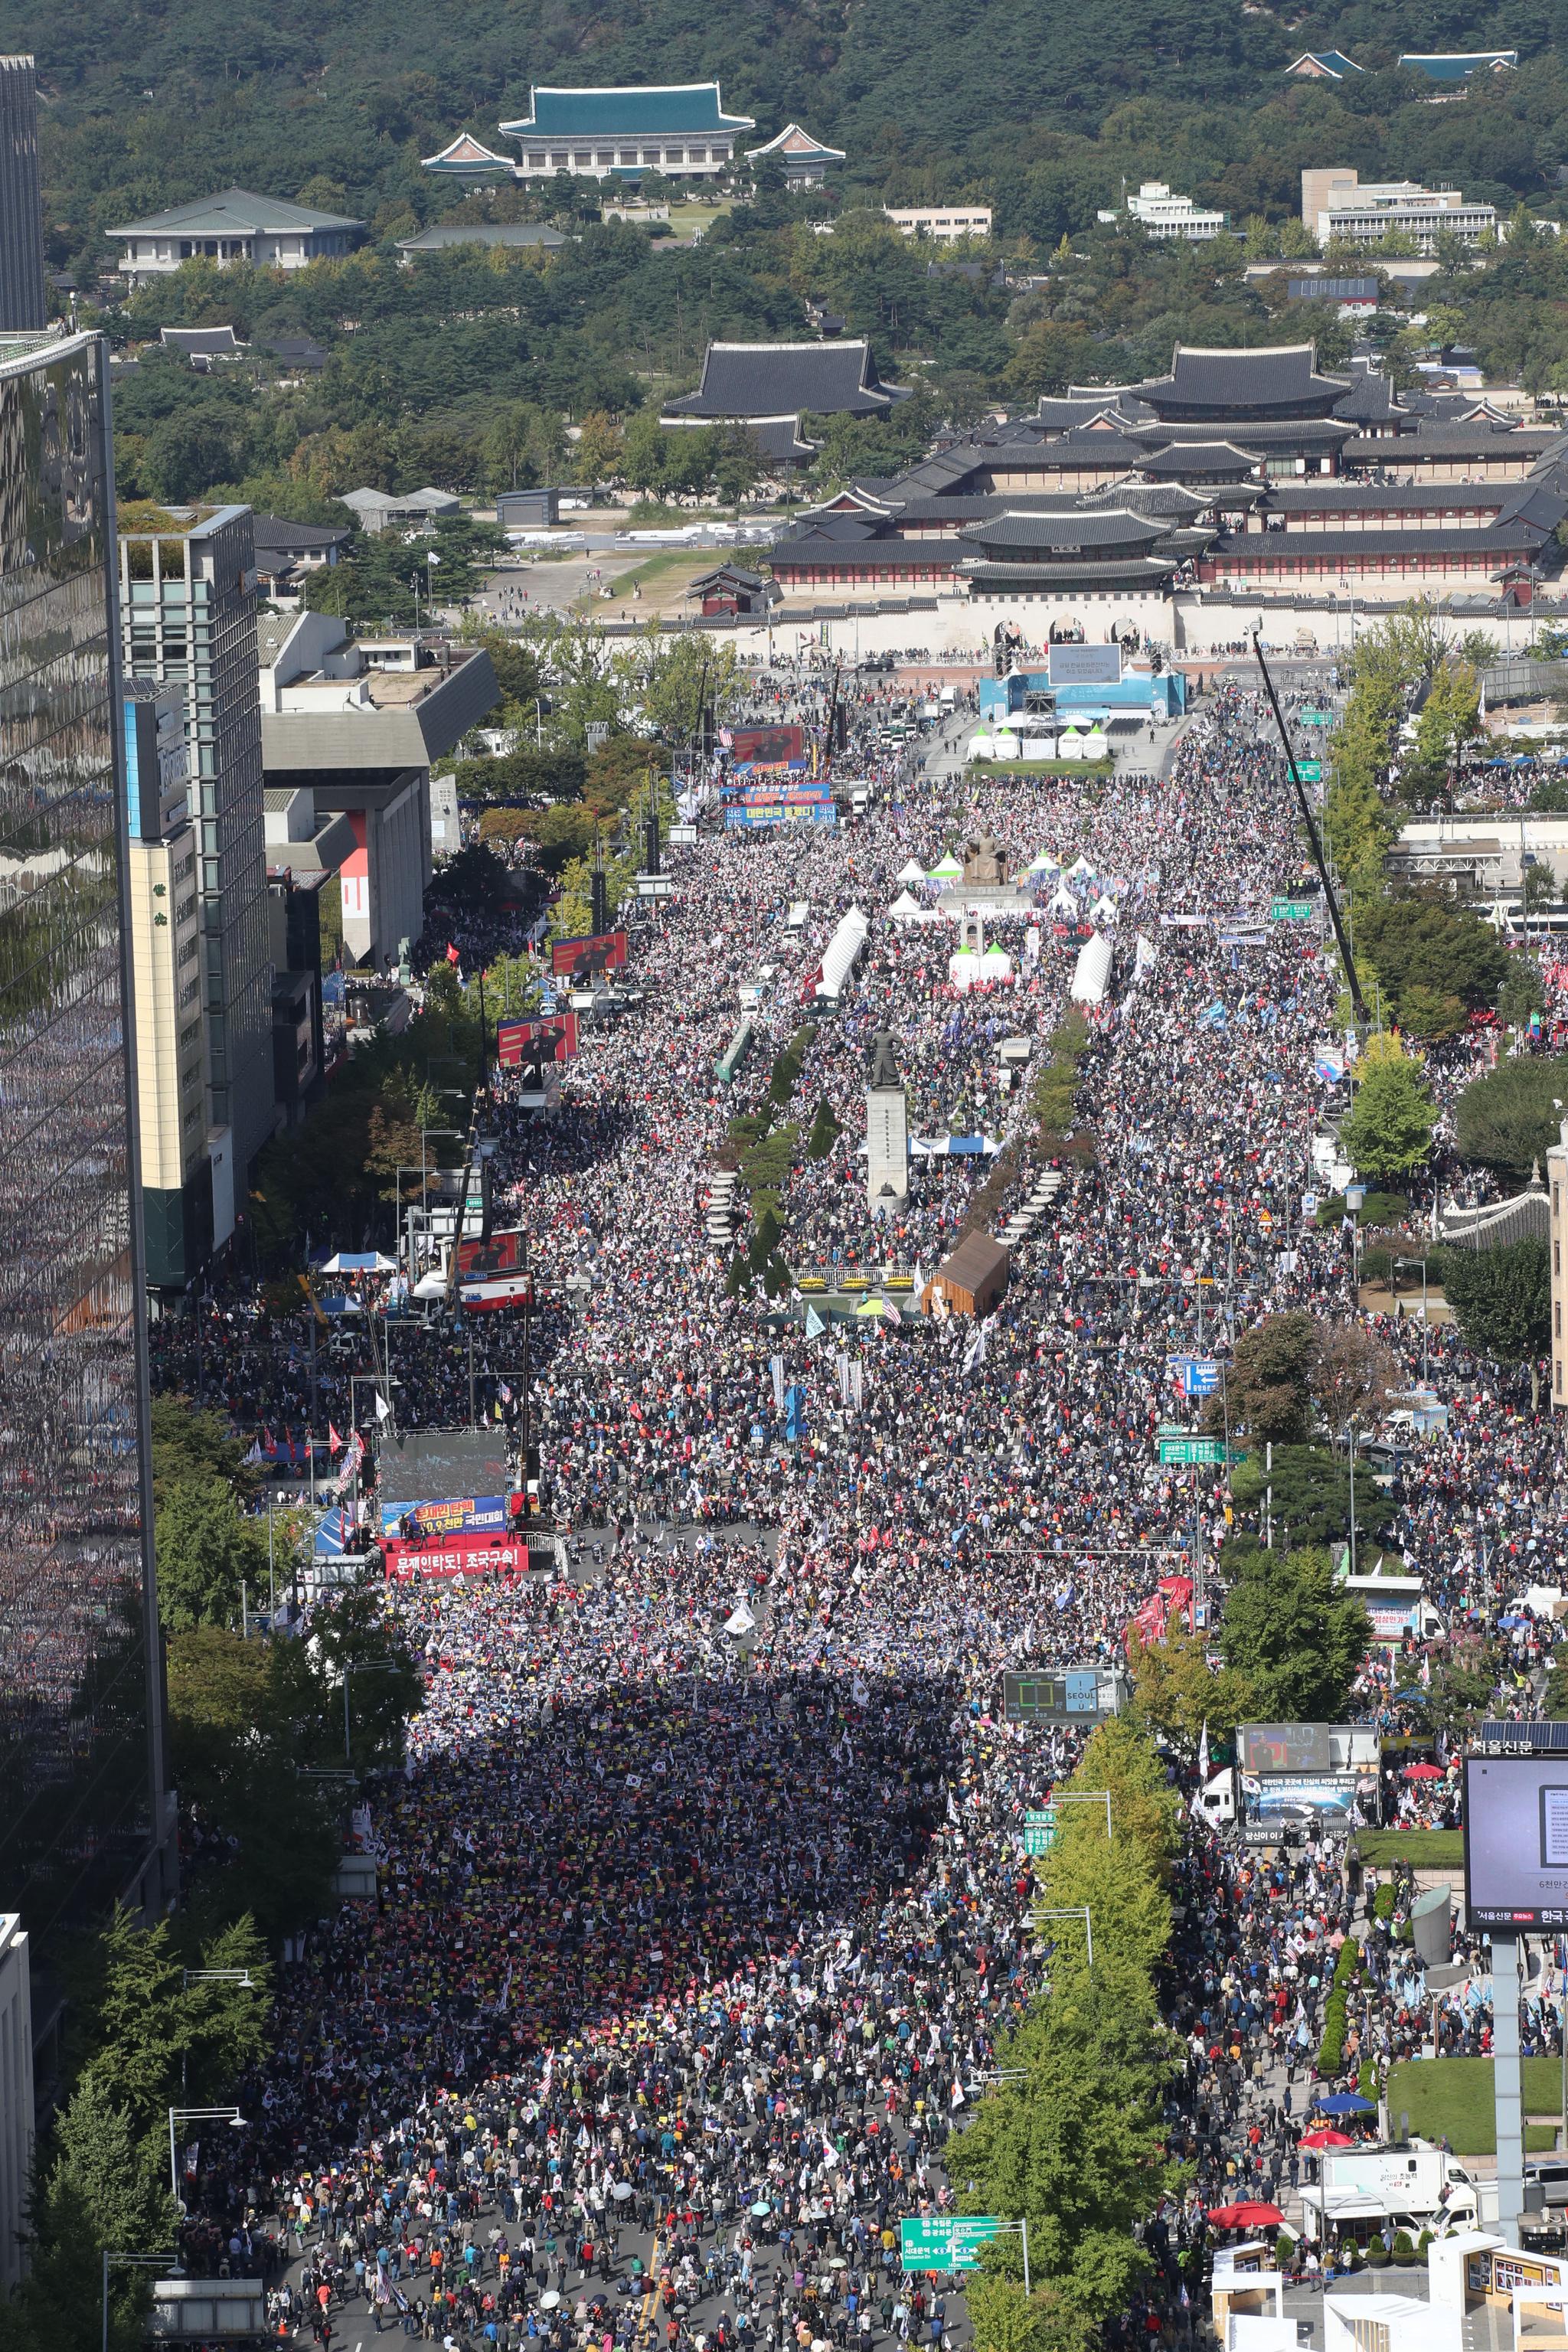 9일 오후 서울 광화문광장에서 보수단체 주최로 '조국 법무부 장관 사퇴 촉구 집회'가 열리고 있다. 우상조 기자